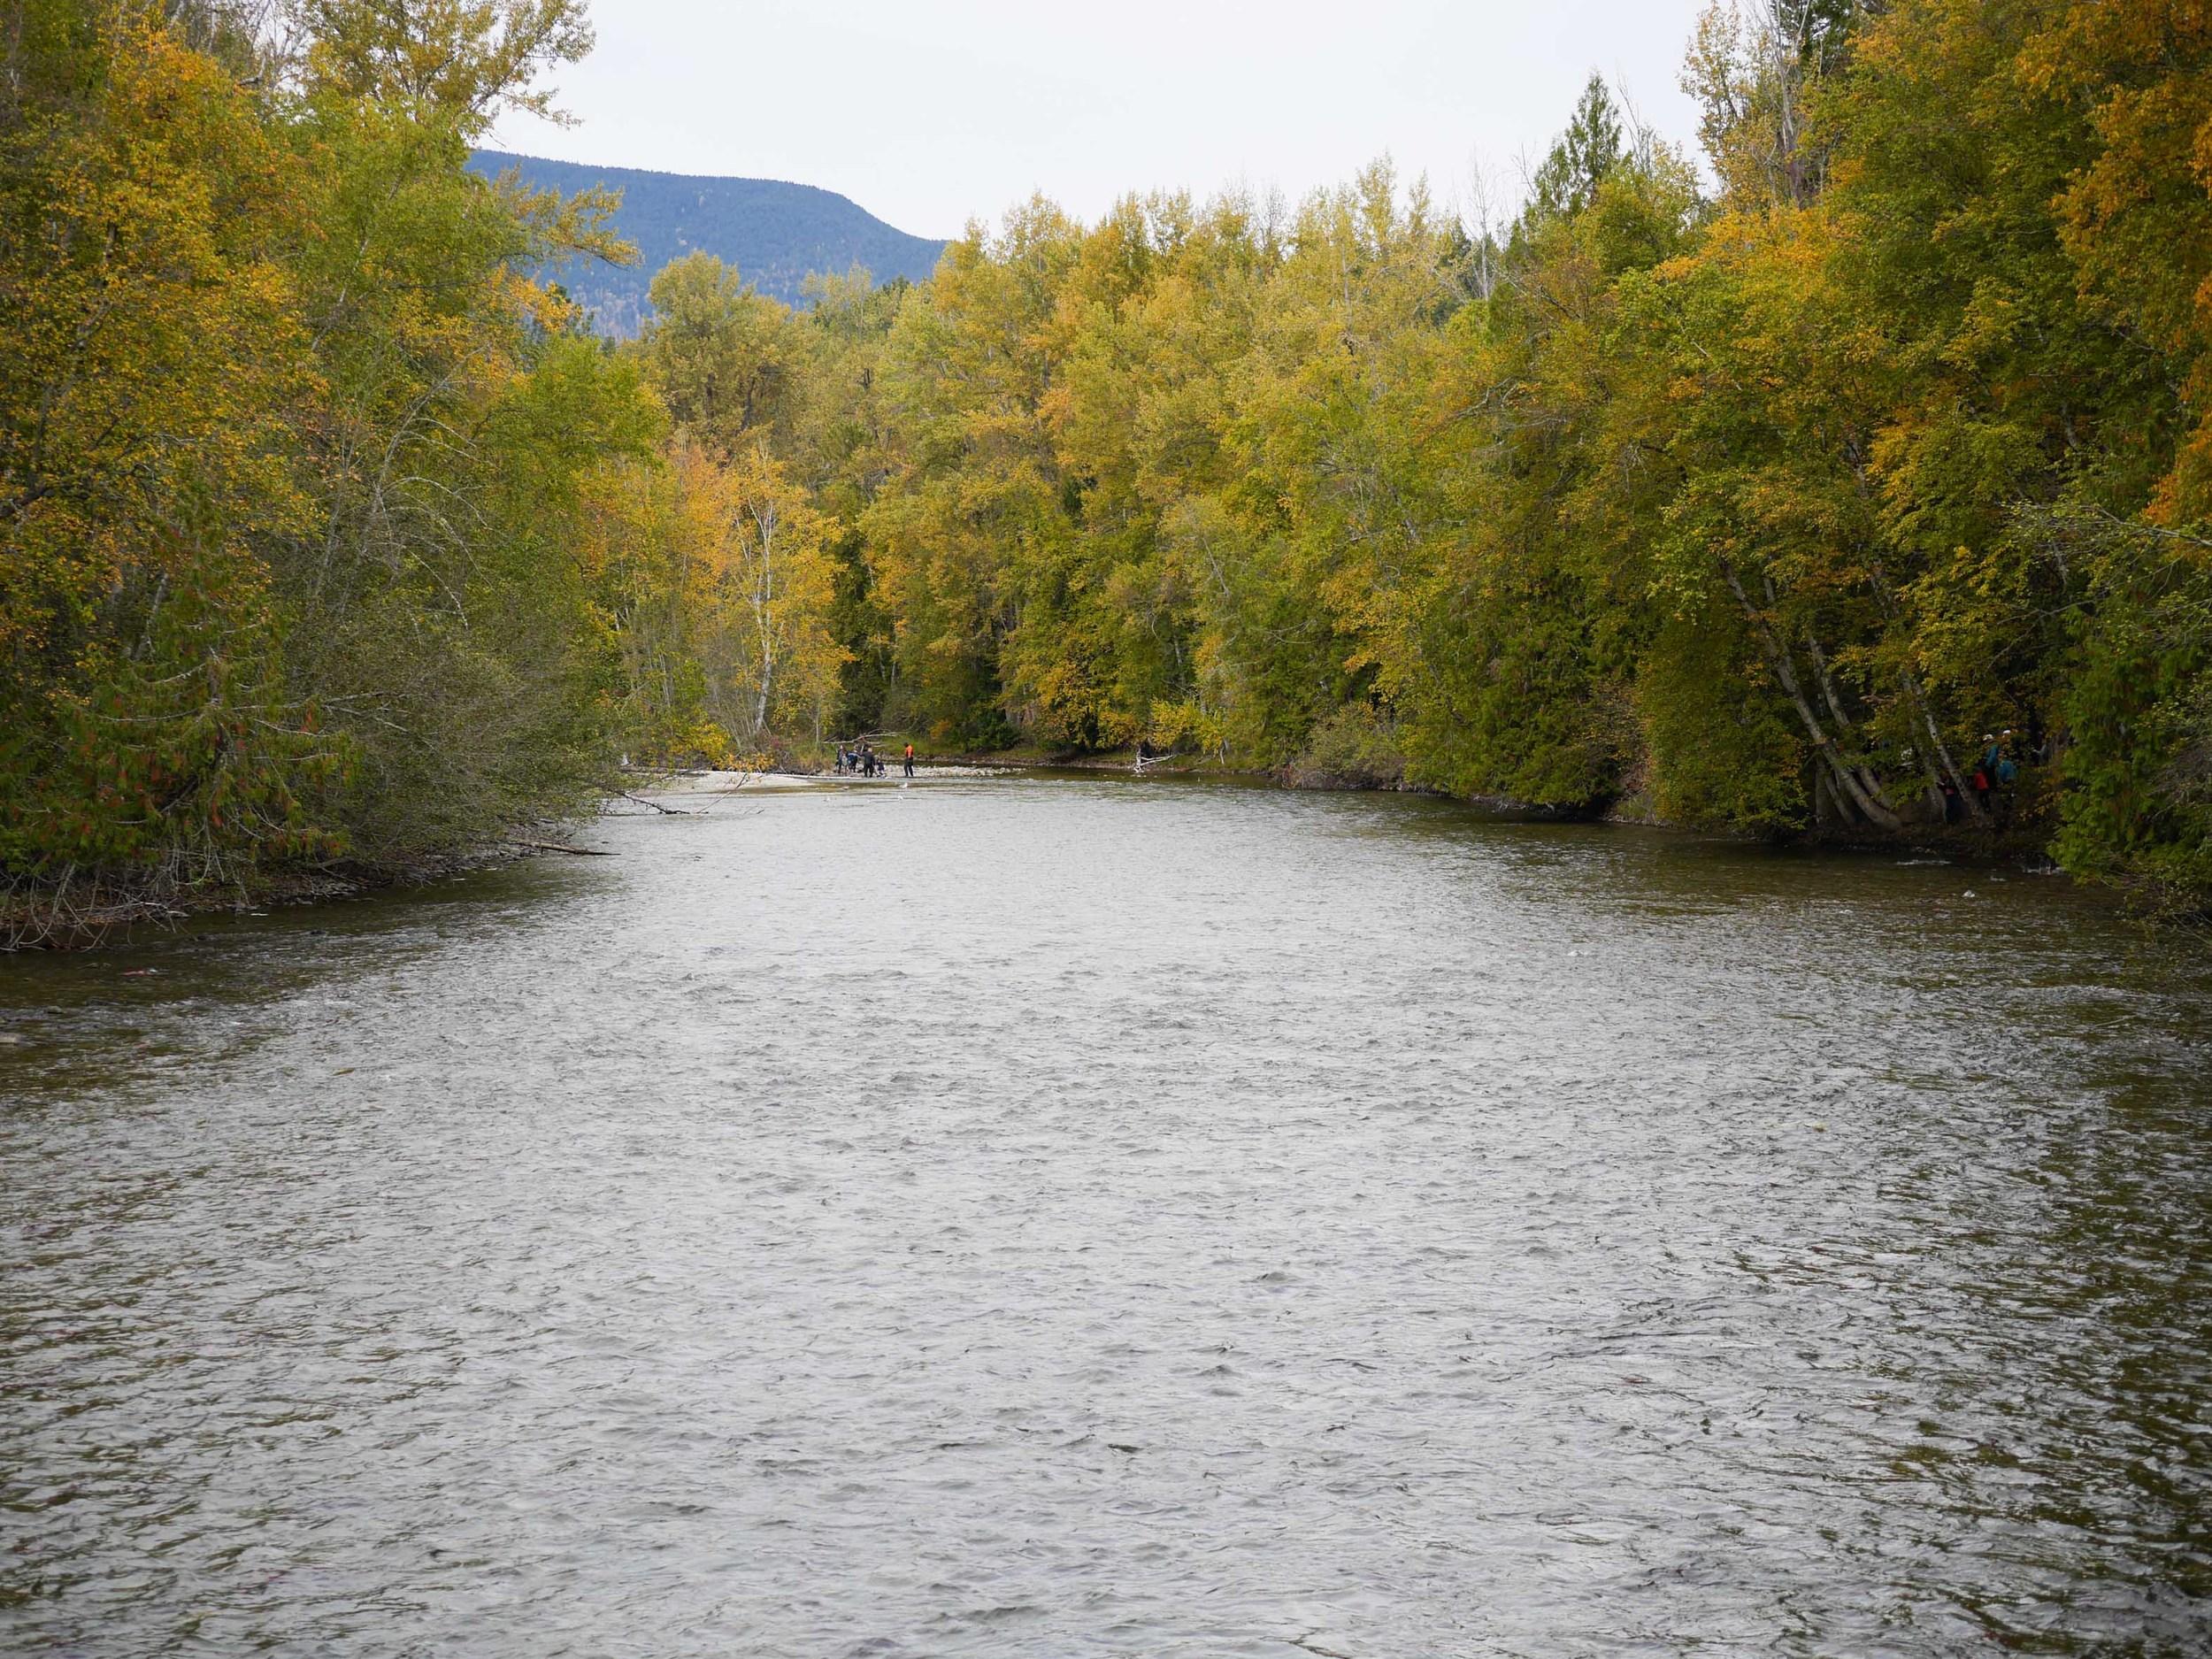 adams river okanagan valley guide weekend hello getaway